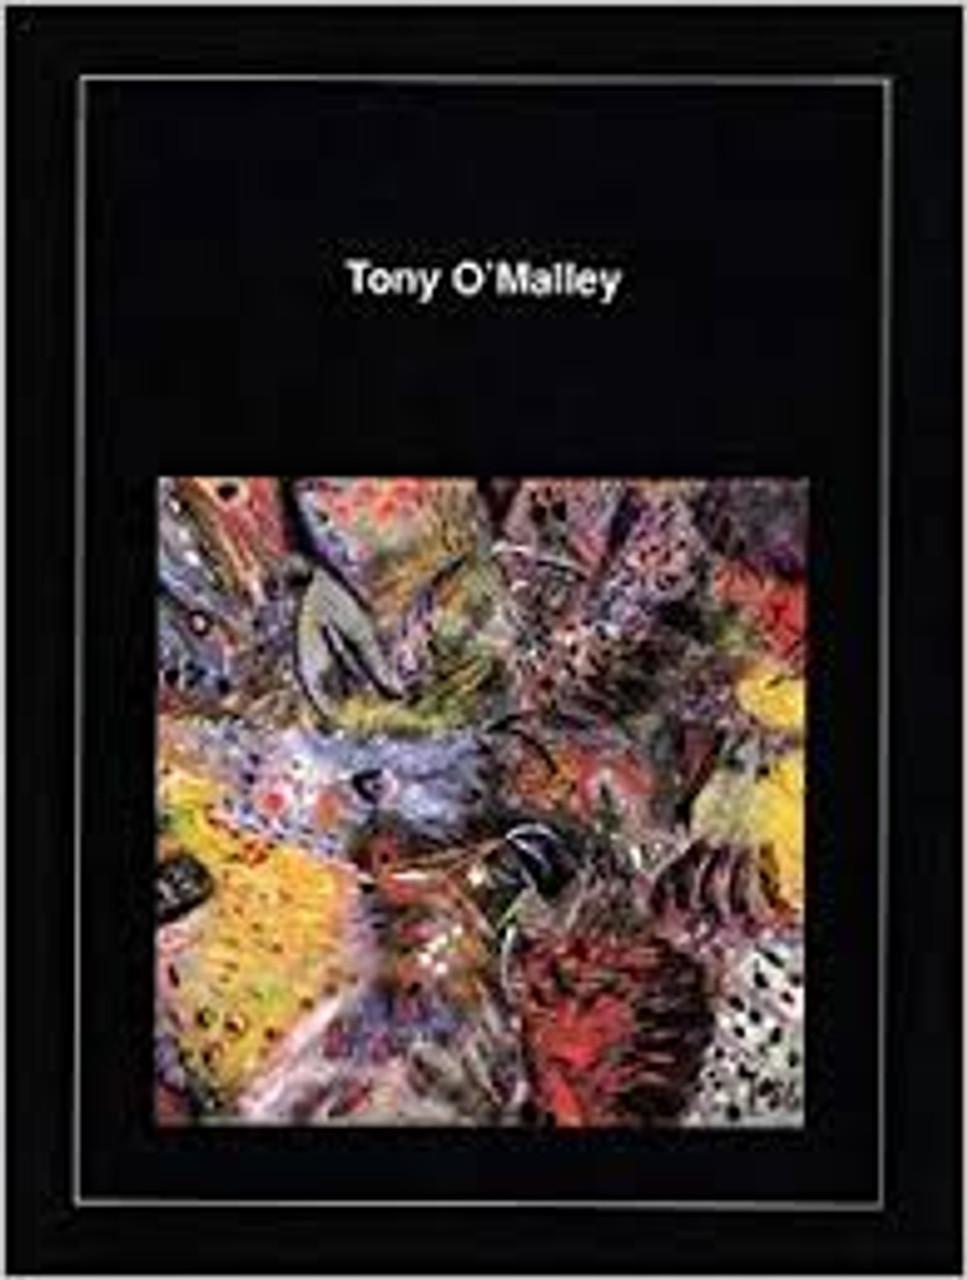 O'Regan, John - Tony O'Malley - Gandon Editions - Works 14 - Irish Artist